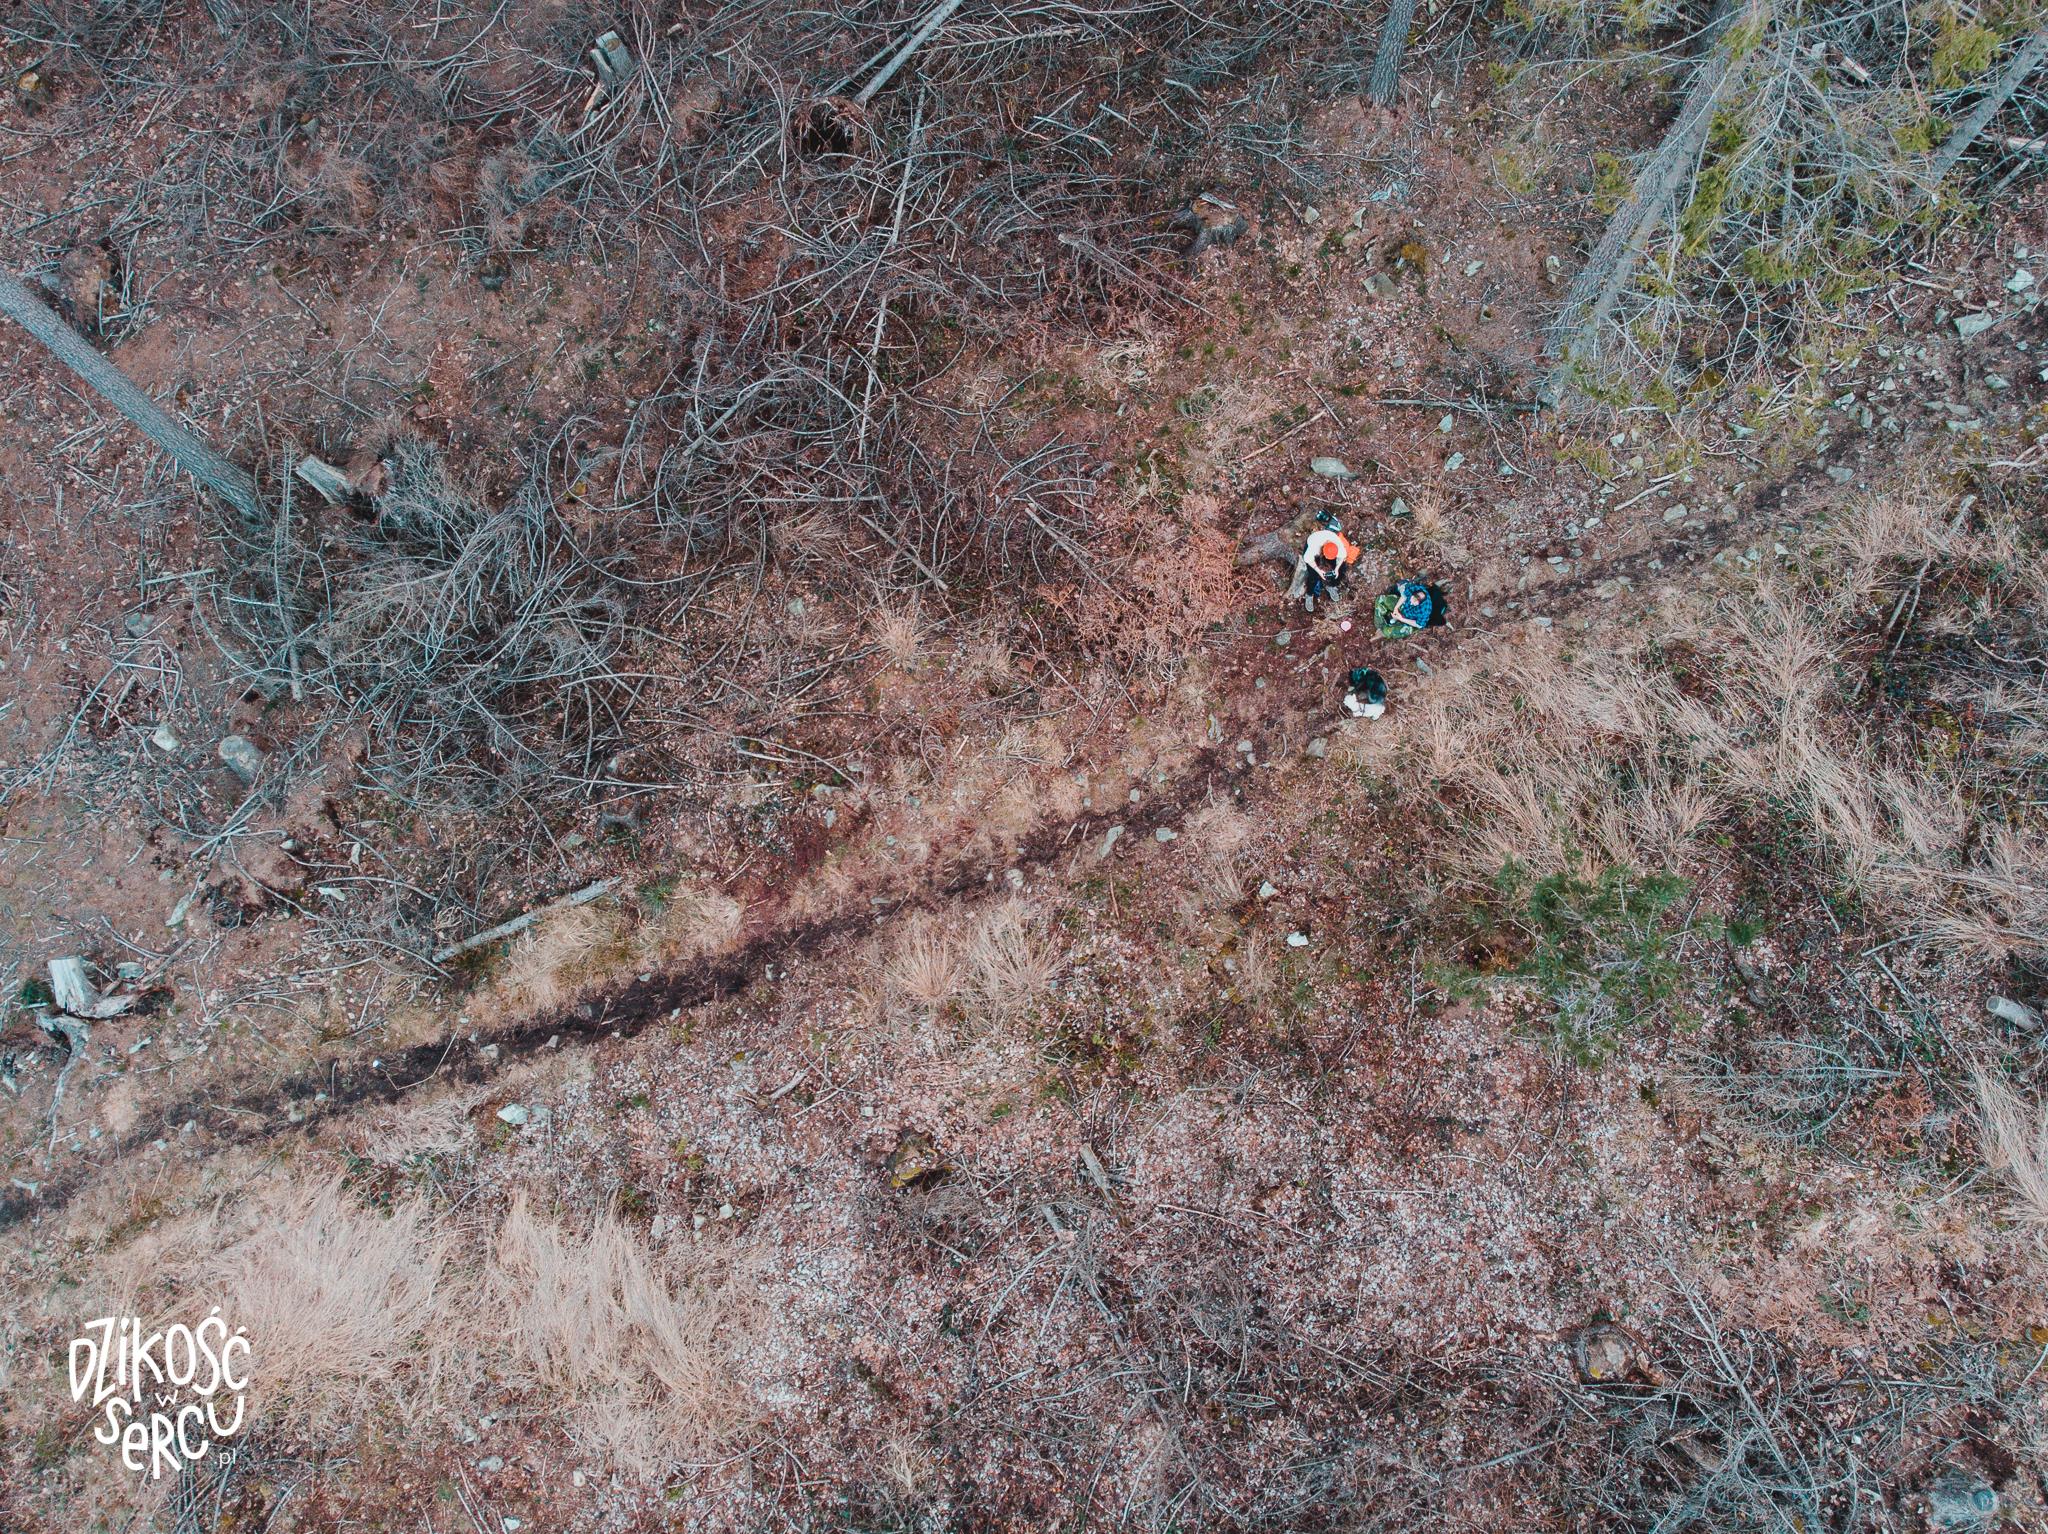 Samotne wędrówki. Widok z drona.